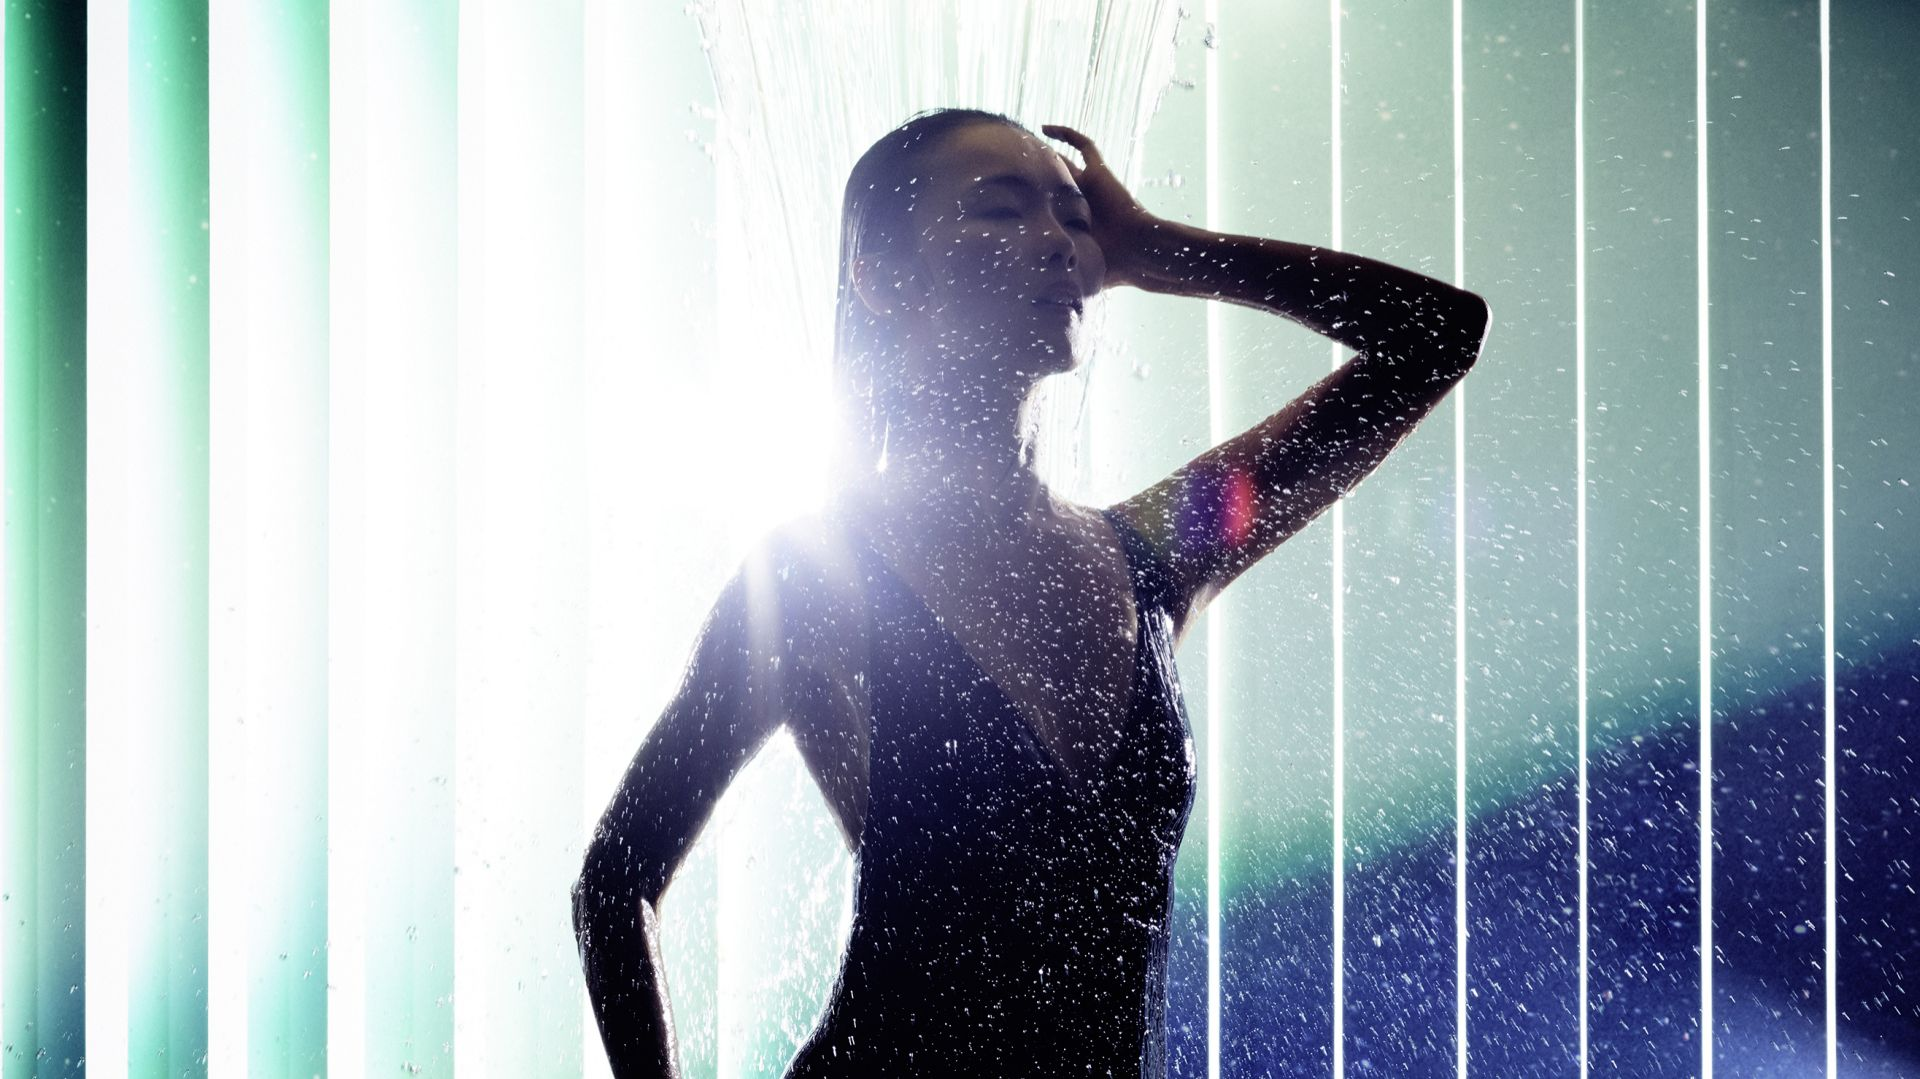 Takie zabiegi, jak polewanie, naprzemienne natryski, kąpiele relaksacyjne bądź masaże wodne uzupełniają indywidualną strategię w zakresie zdrowia i na długo znacznie poprawiają samopoczucie oraz dodają energii życiowej. Fot. Dornbracht